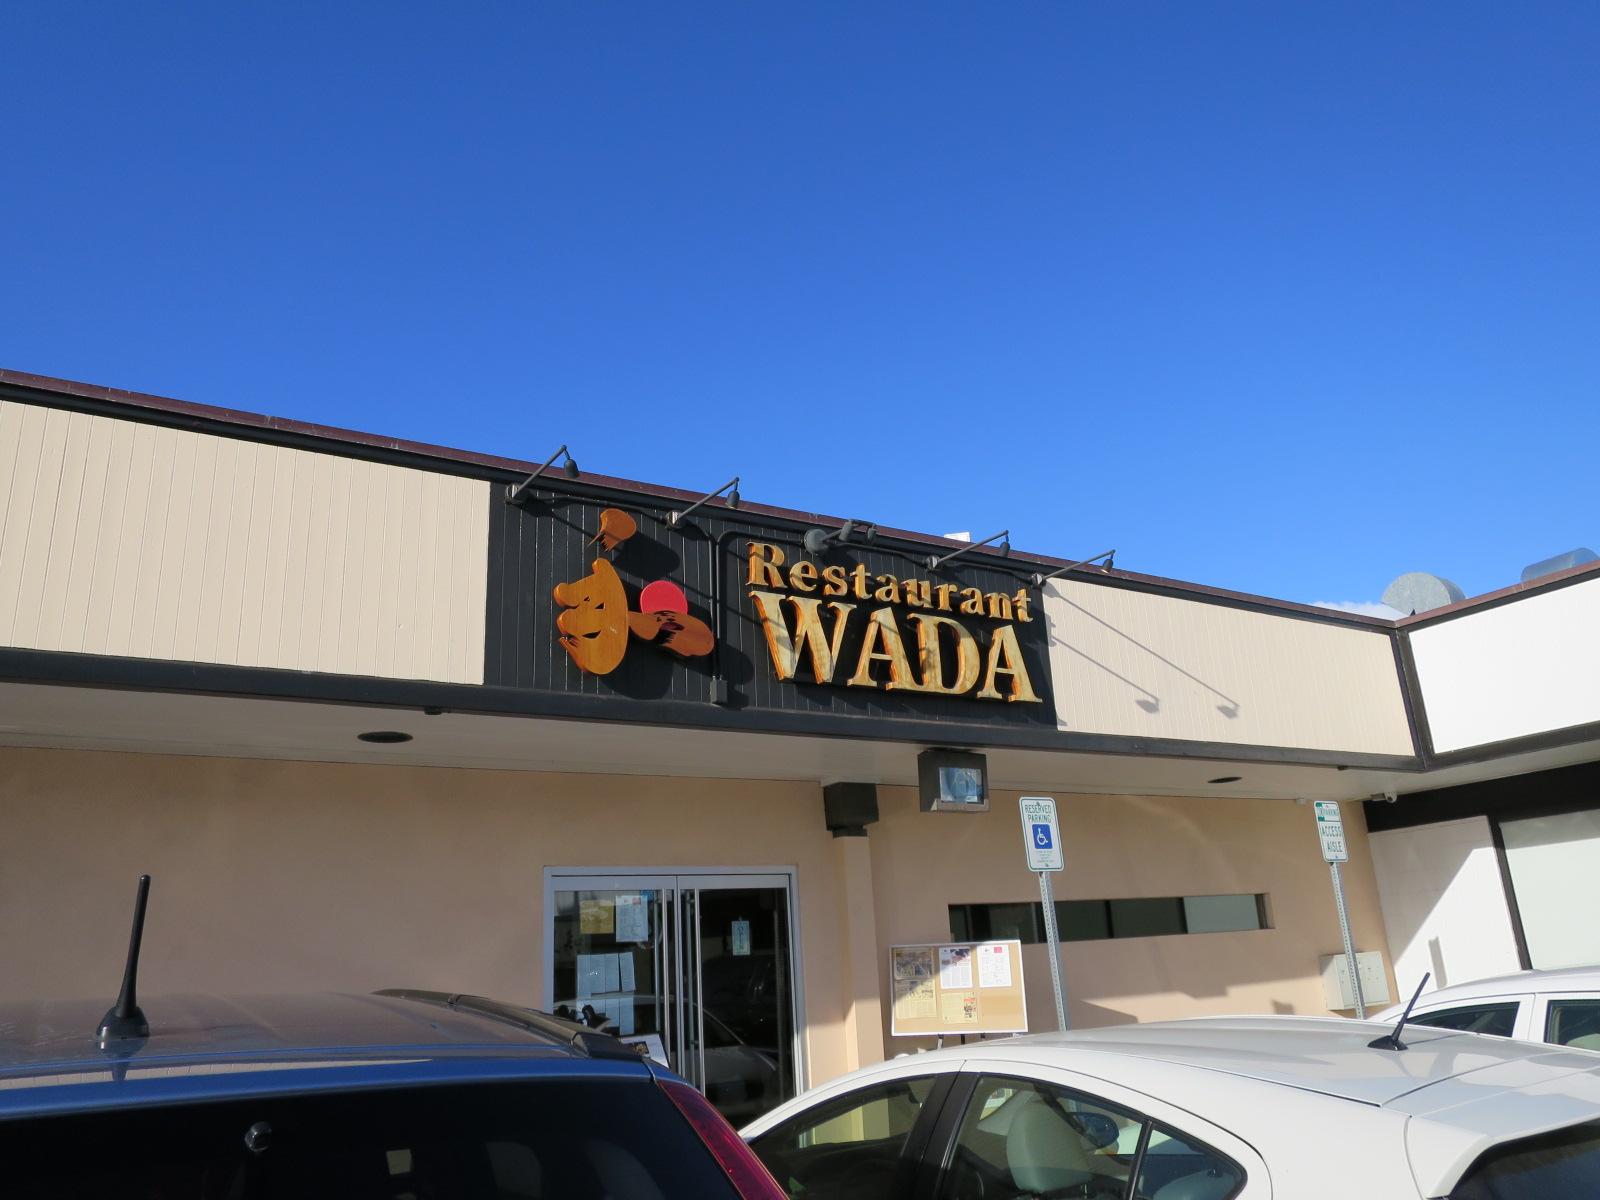 木梨目線 憲sunのハワイ「レストラン和田」の画像検索結果